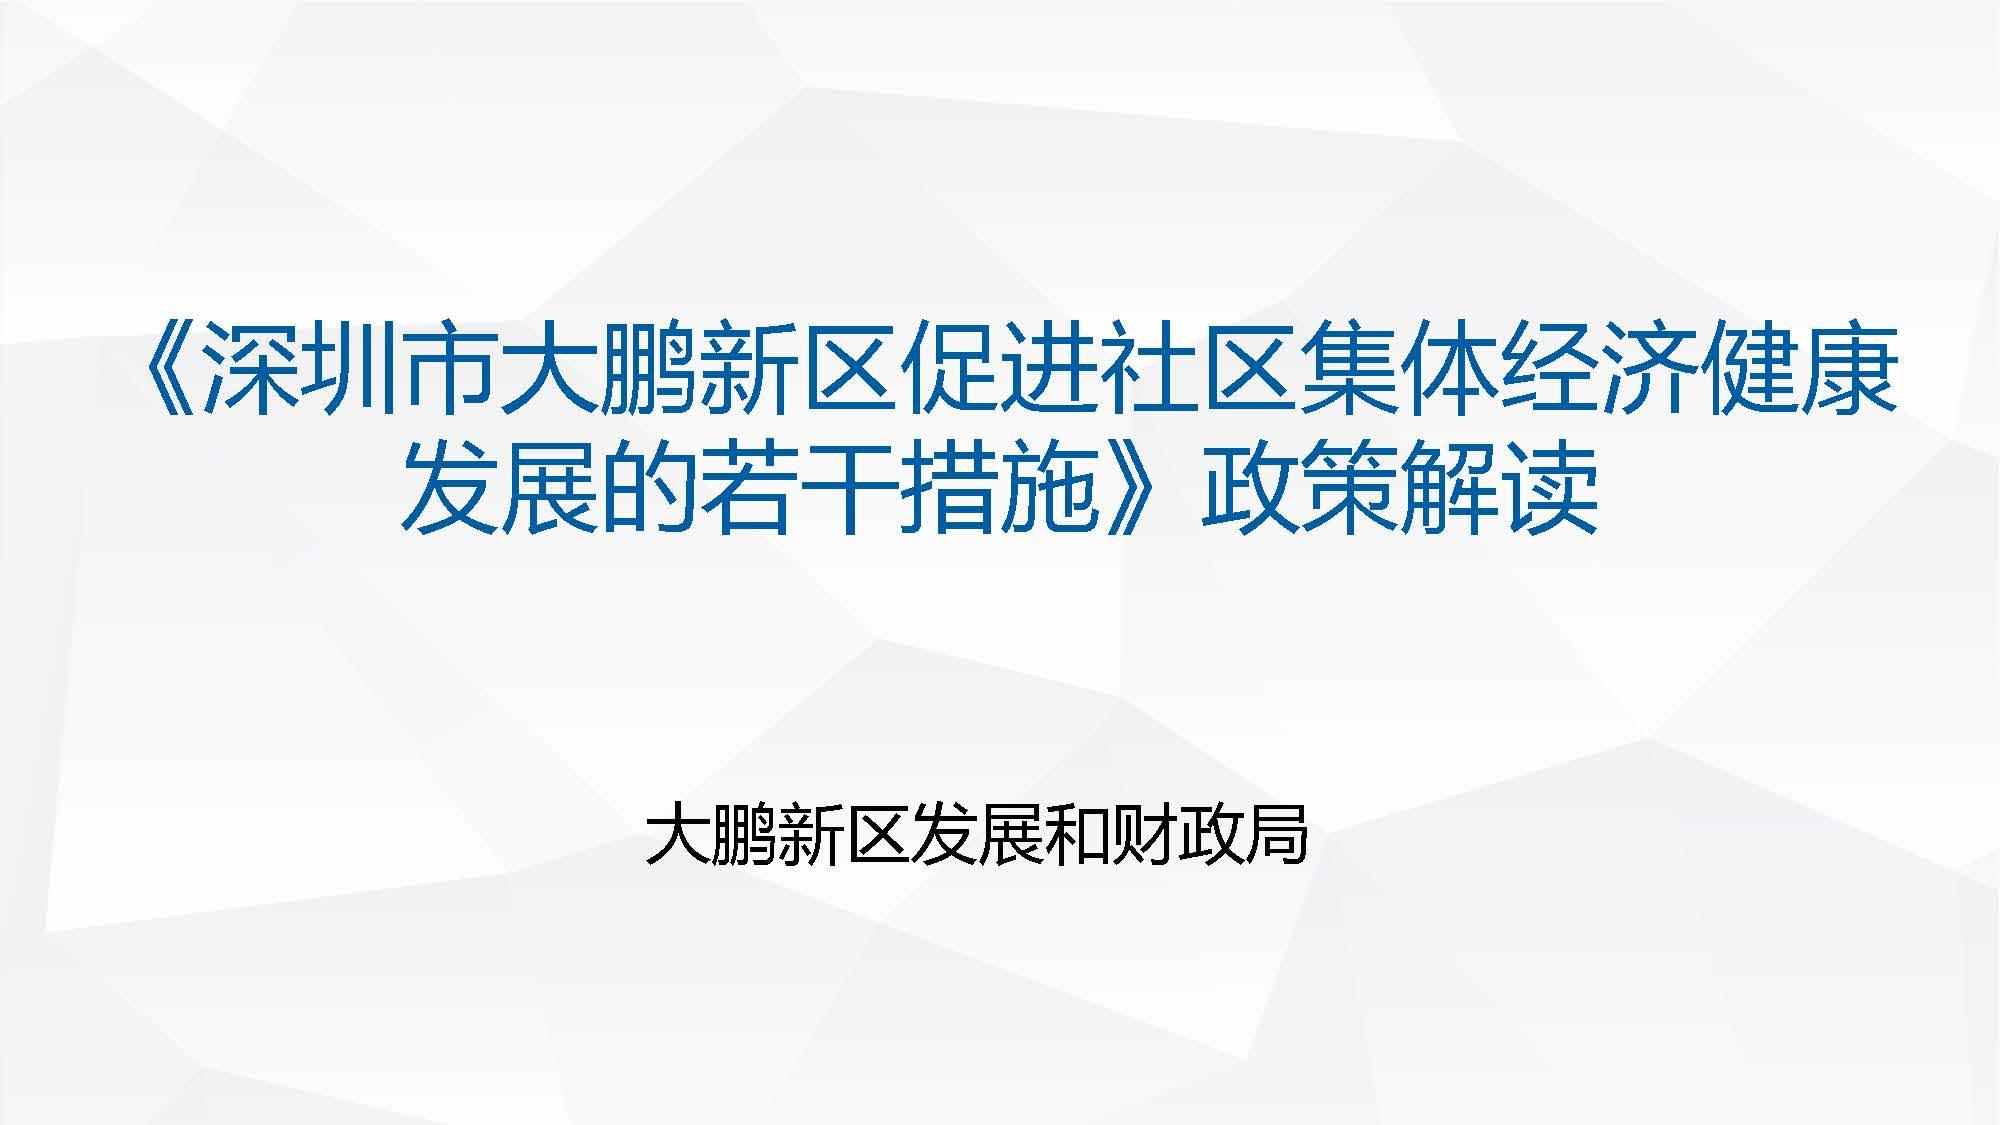 20200611若干措施政策解读ppt_页面_1.jpg